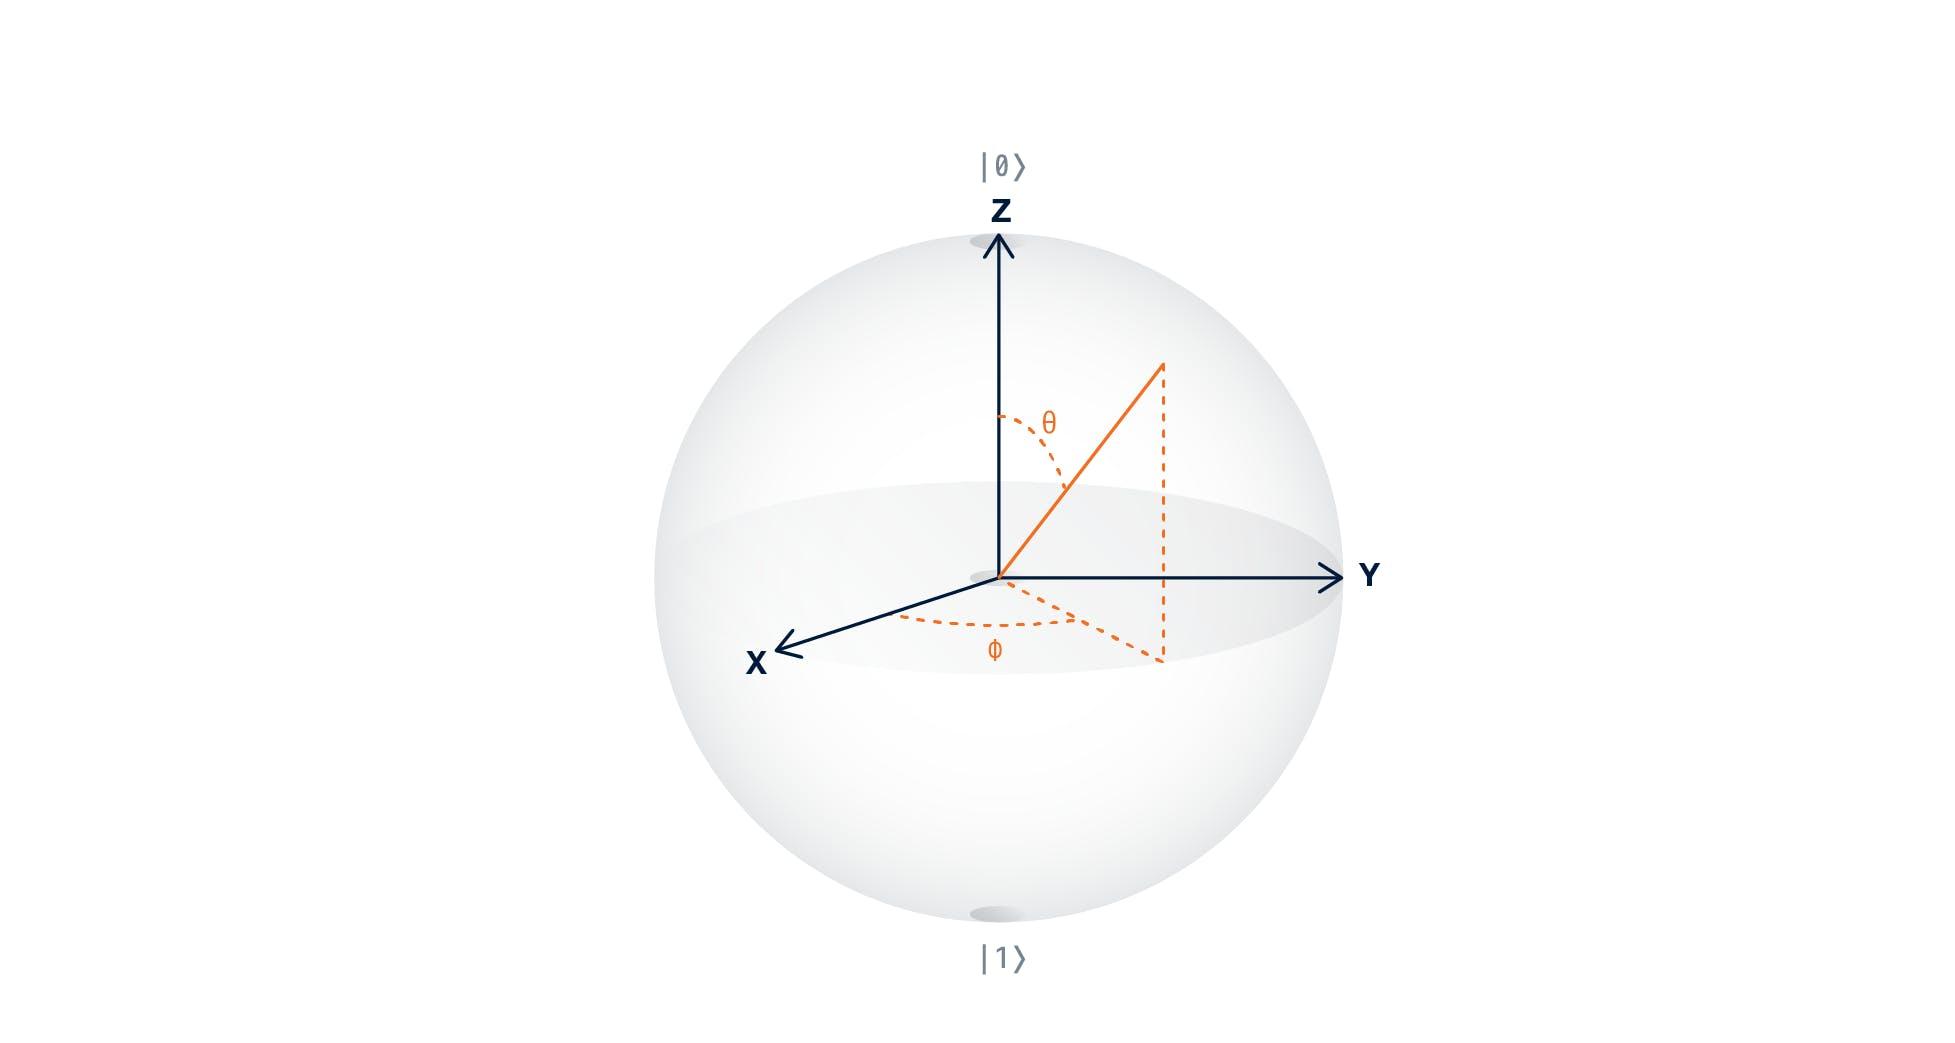 bloch-sphere0g2aifid2kpgb9.png